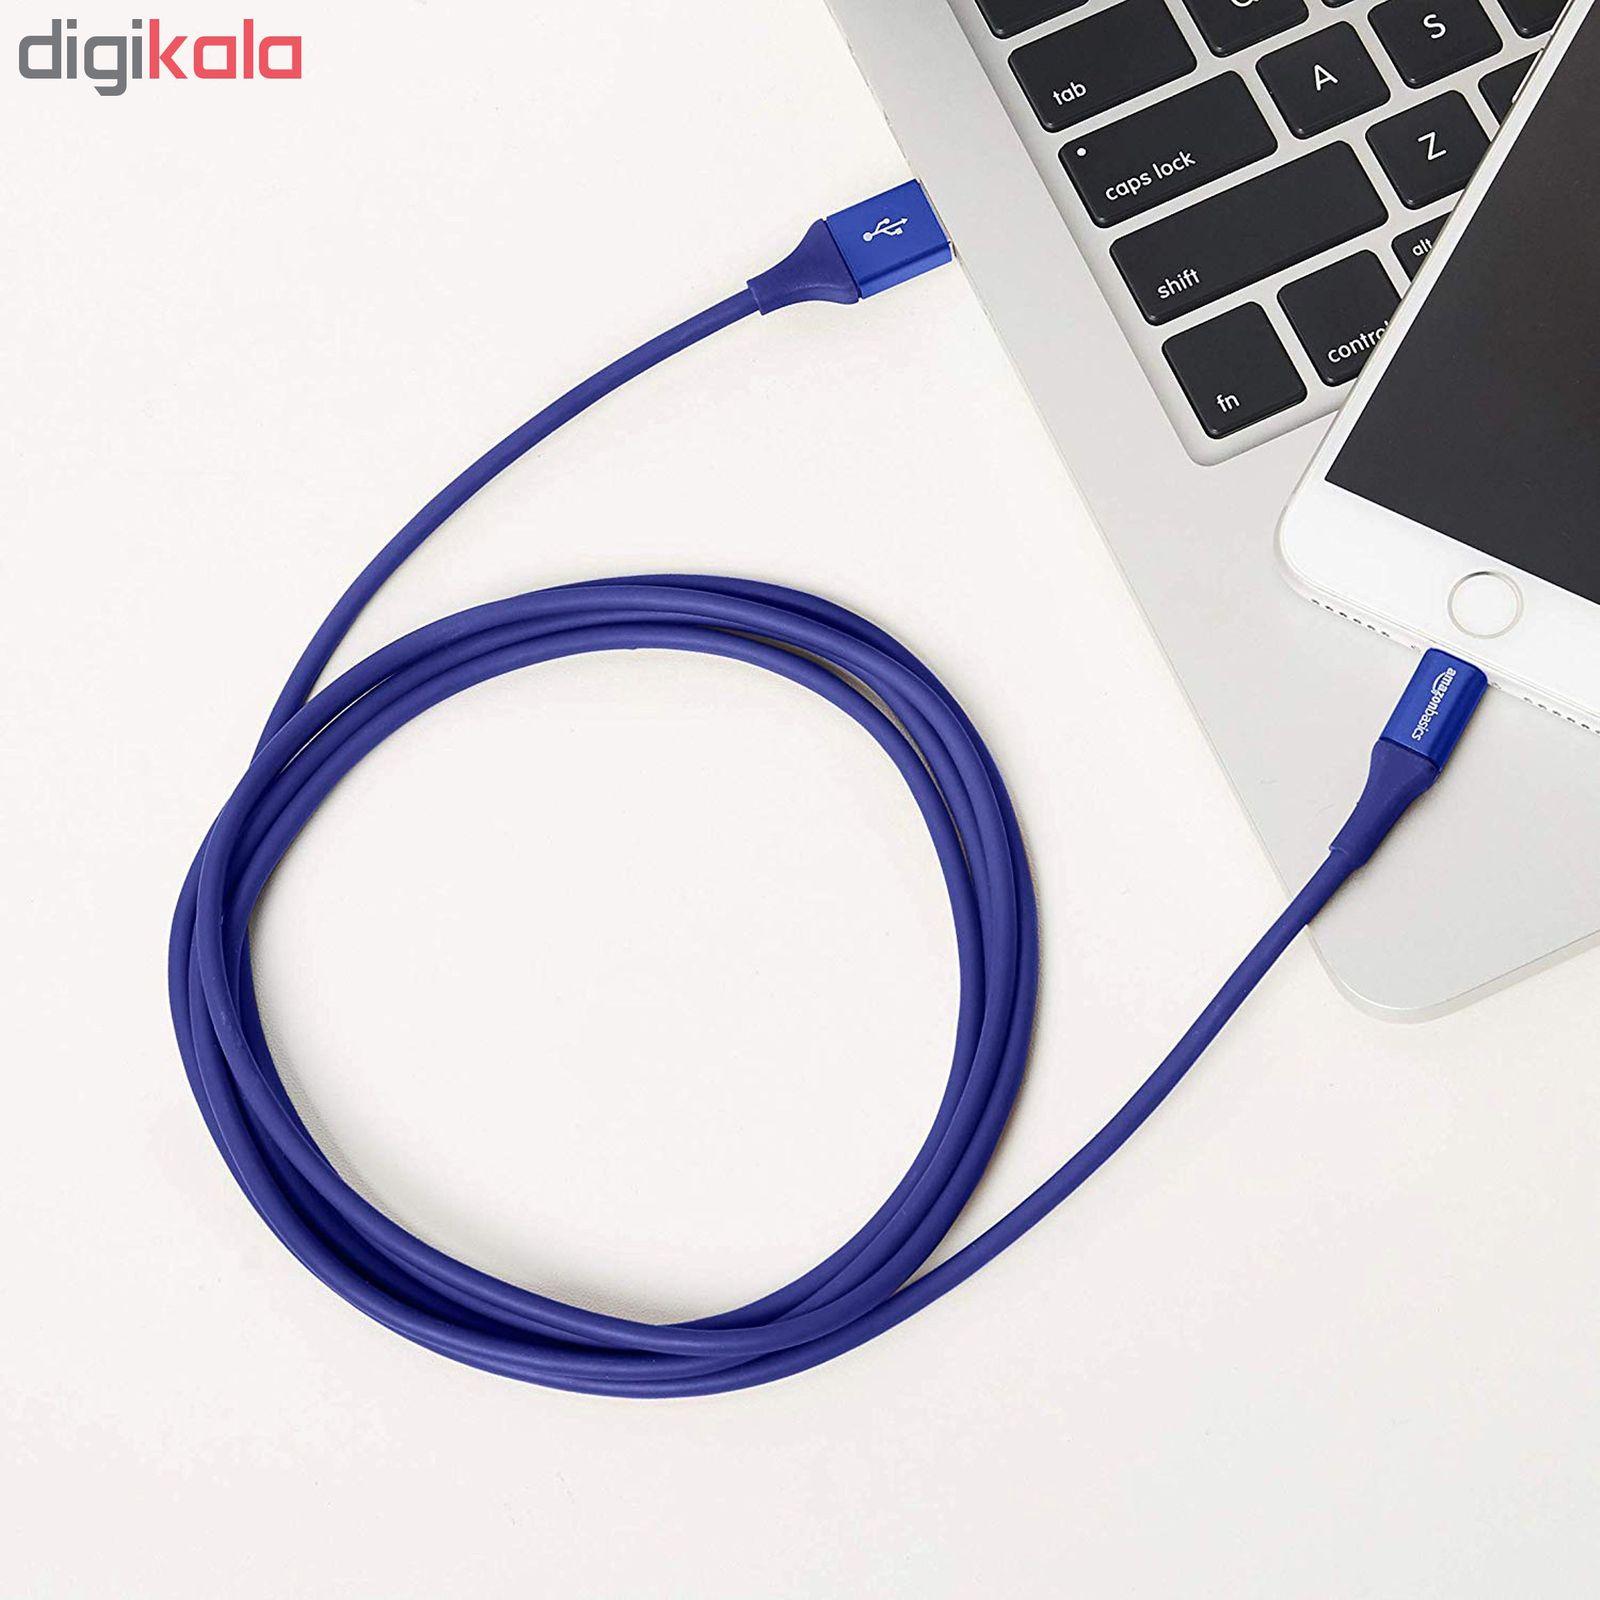 کابل تبدیل USB به لایتنینگ آمازون بیسیکس مدل L6LMF129-CS-R طول 1.8 متر main 1 6